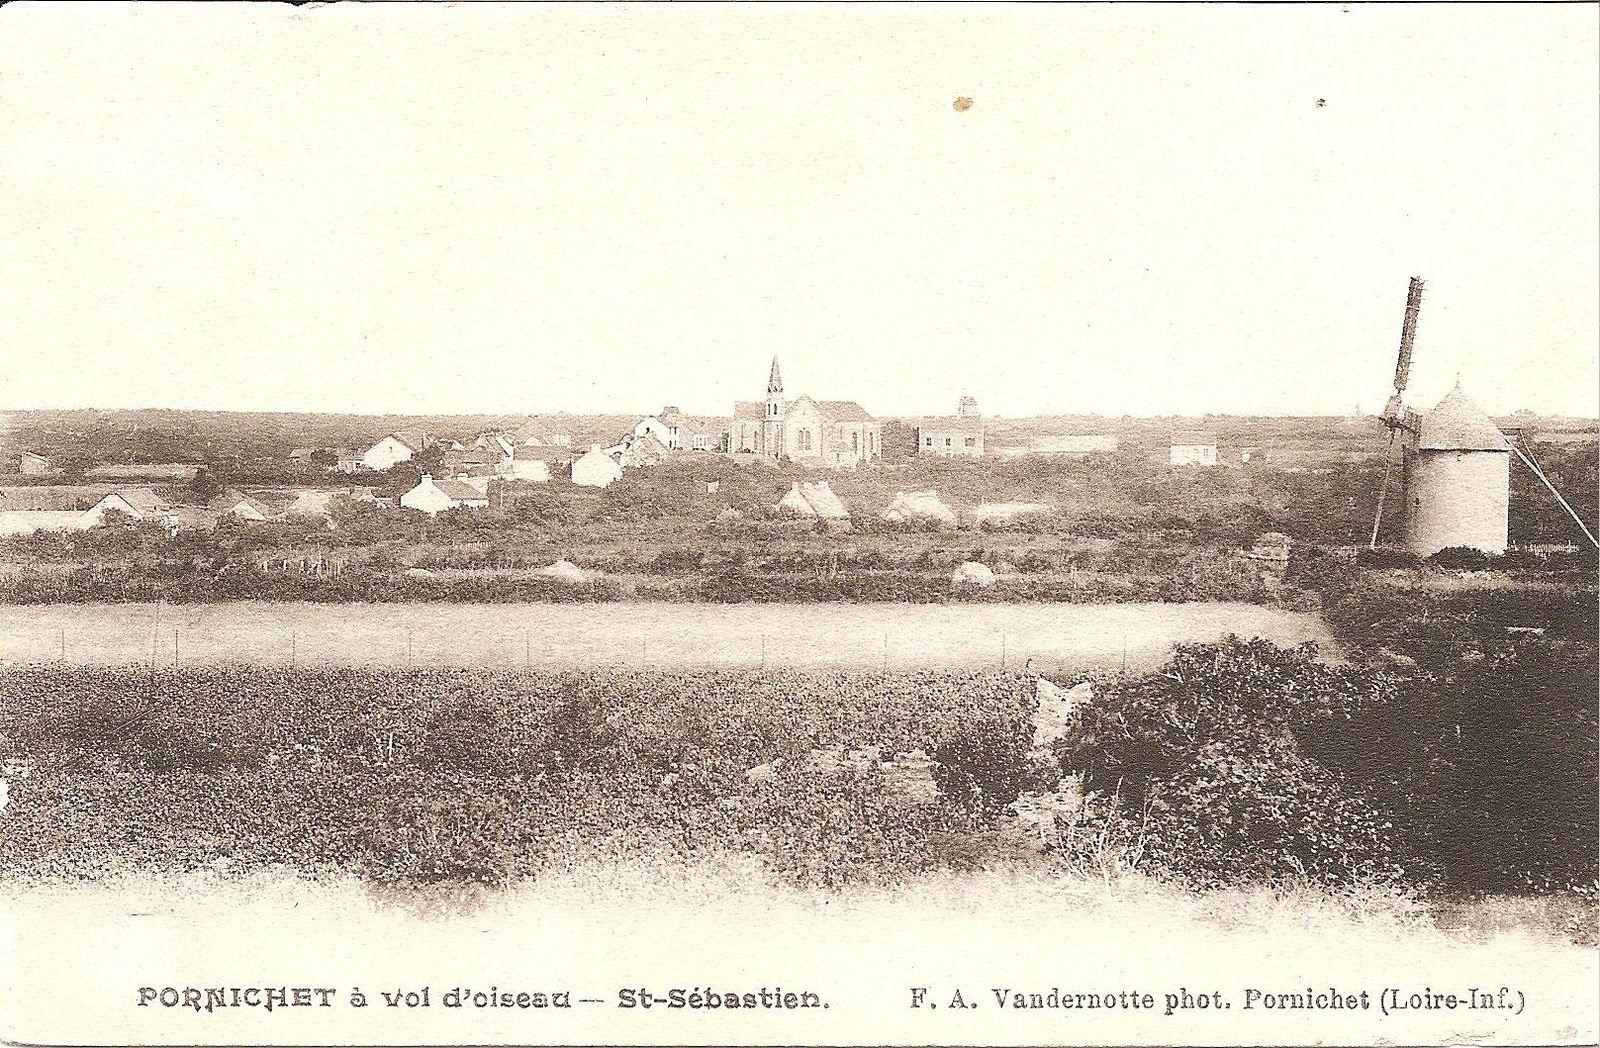 Au loin, le quartier de Saint-Sébastien avec le clocher de l'église reconnaissable. Mais quel est ce moulin ? (Le Moulin de Prieux ?)